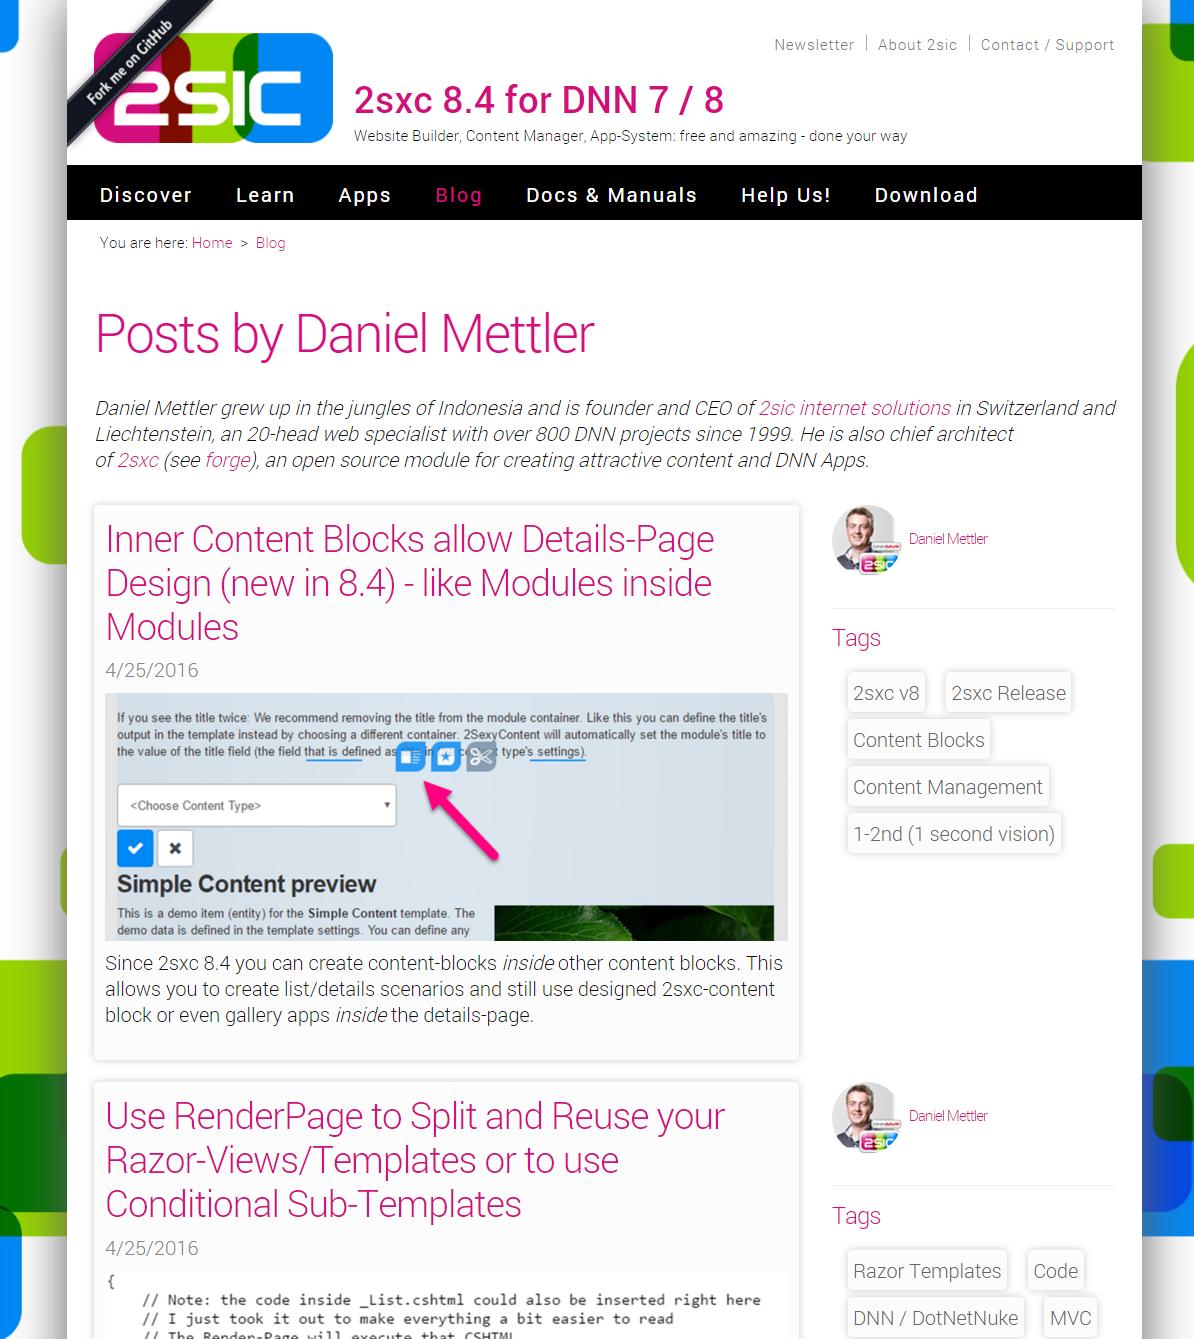 DNN Blog App - App for DNN (DotNetNuke) and 2sxc